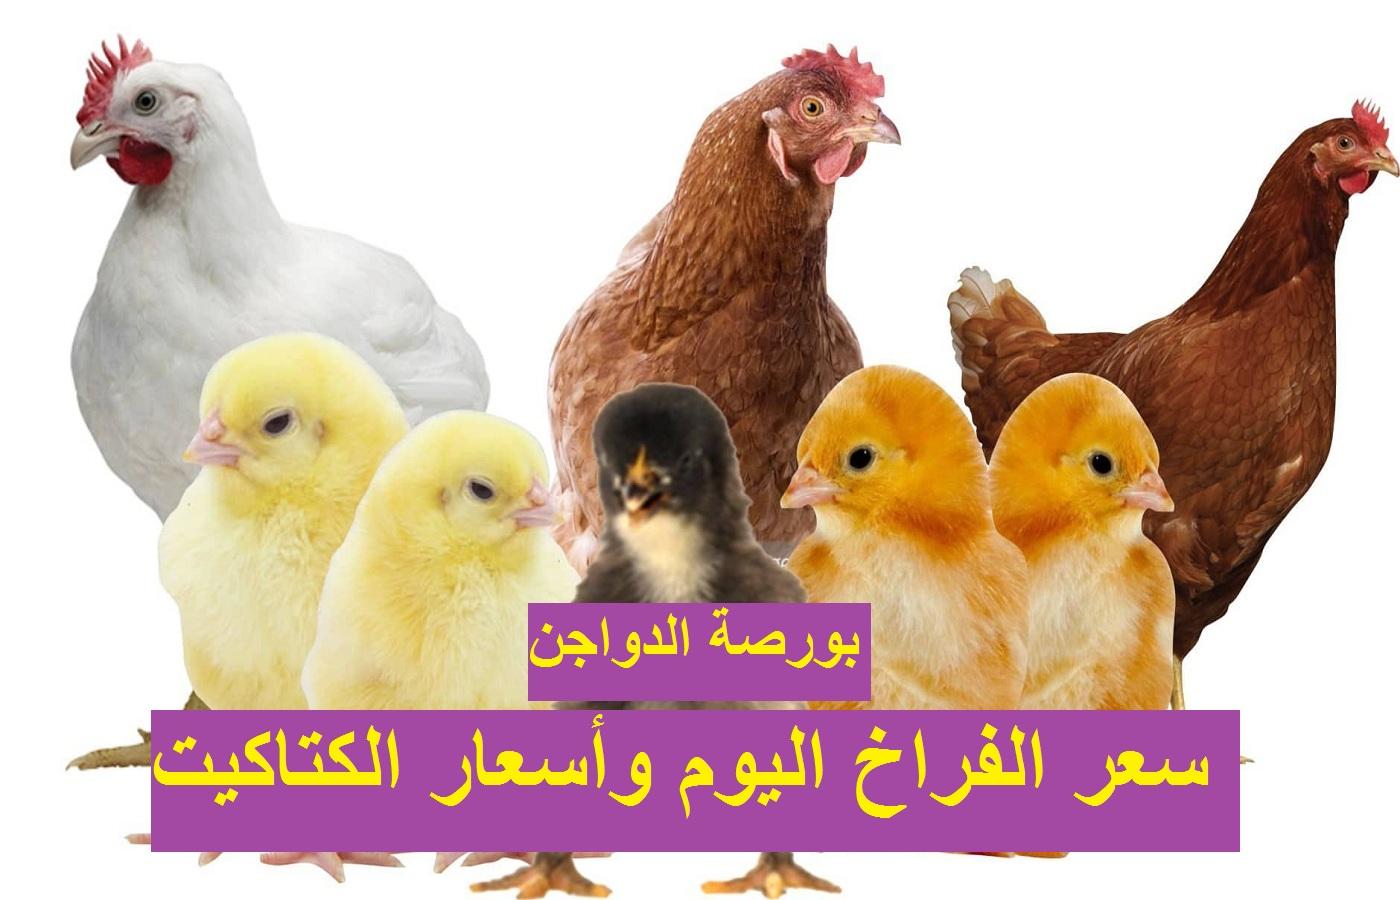 سعر الفراخ اليوم الإثنين 7 يونيو 2021.. أسعار بورصة الدواجن اليوم